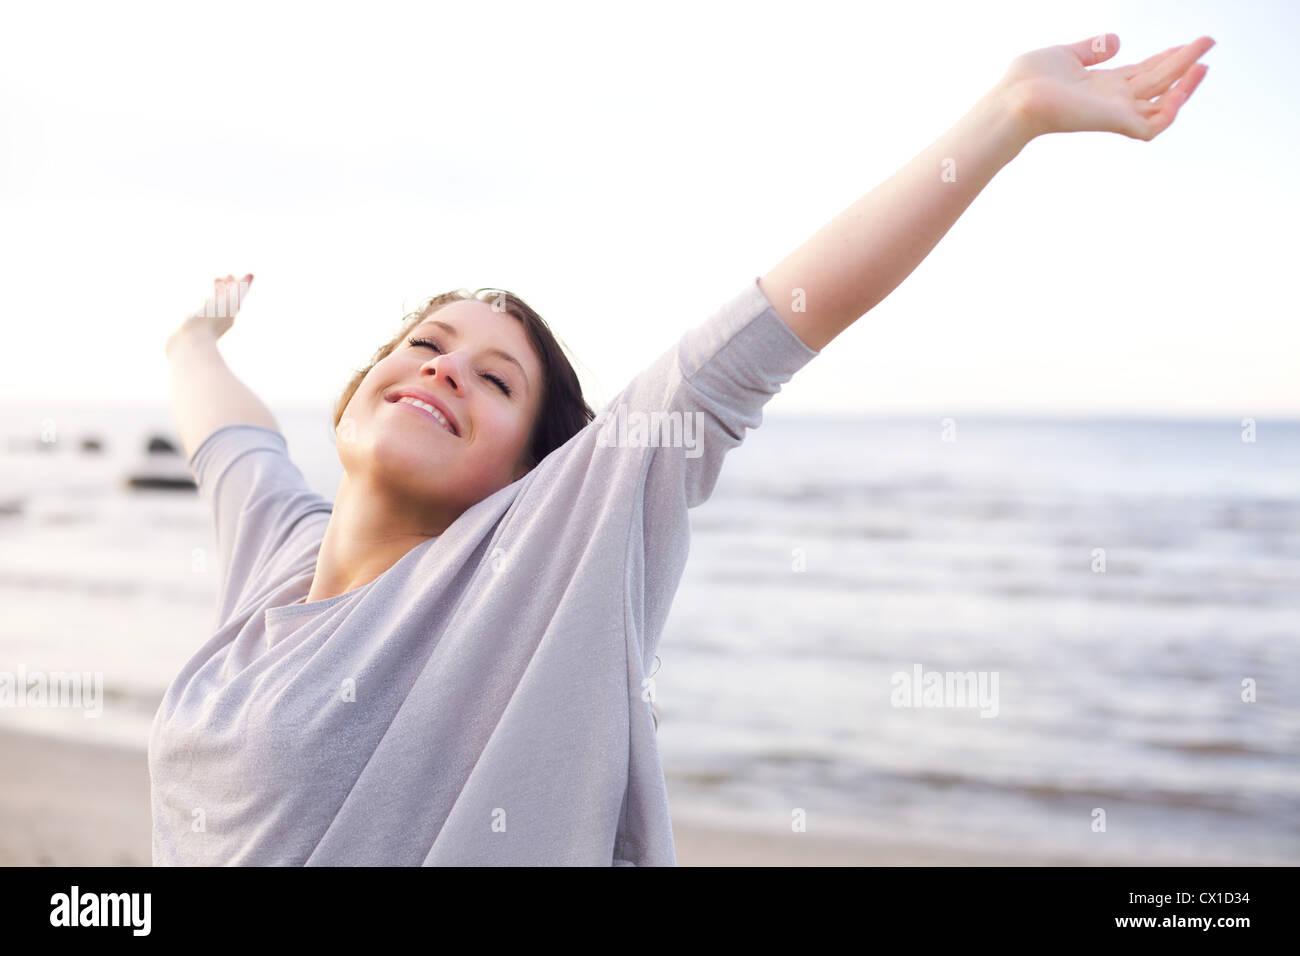 Mujer estirando sus brazos para disfrutar del aire fresco del mar Imagen De Stock